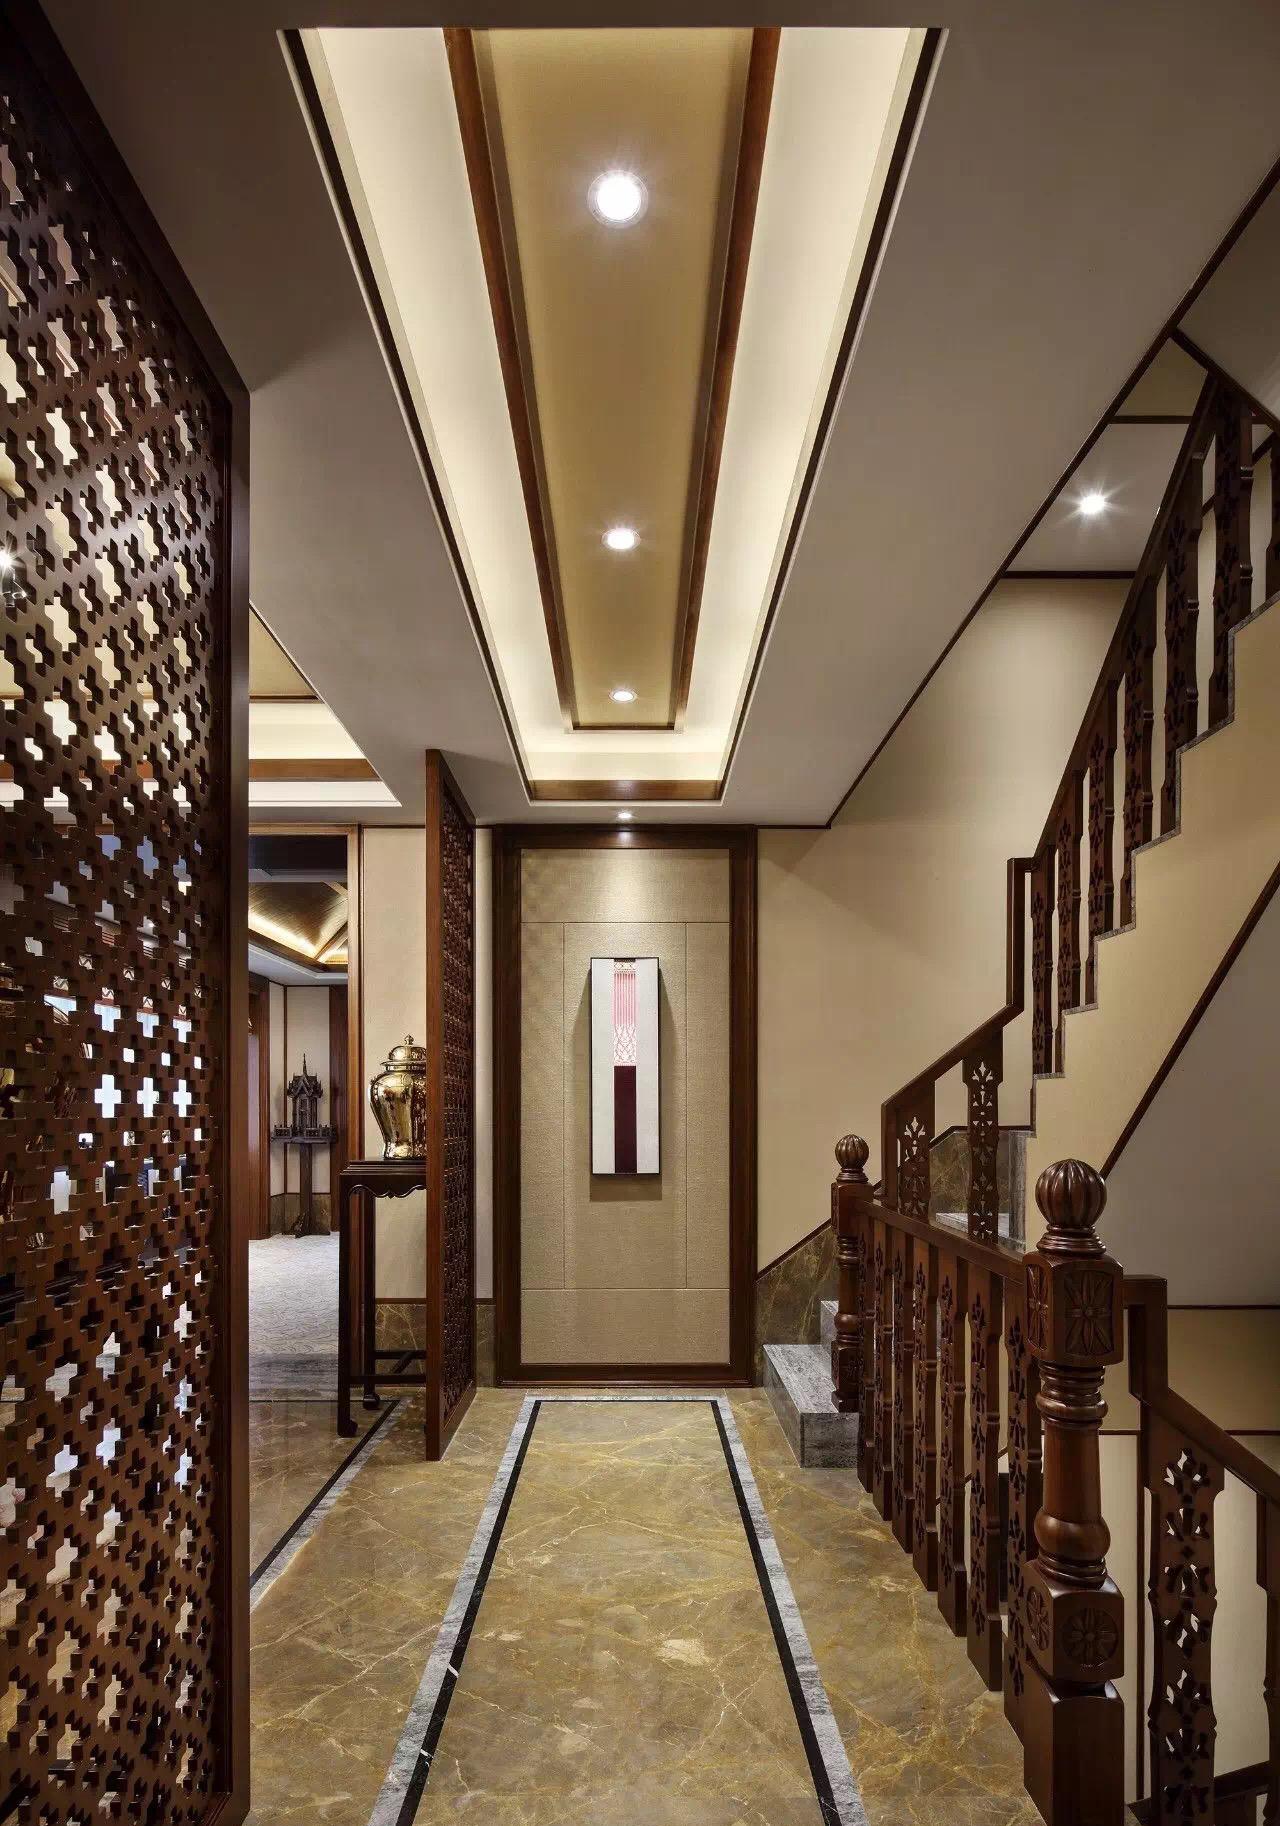 别墅装修 泰式风格 腾龙设计 实景展示, 四季雅苑别 楼梯图片来自孔继民在别墅装修泰式风格完工实景展示的分享